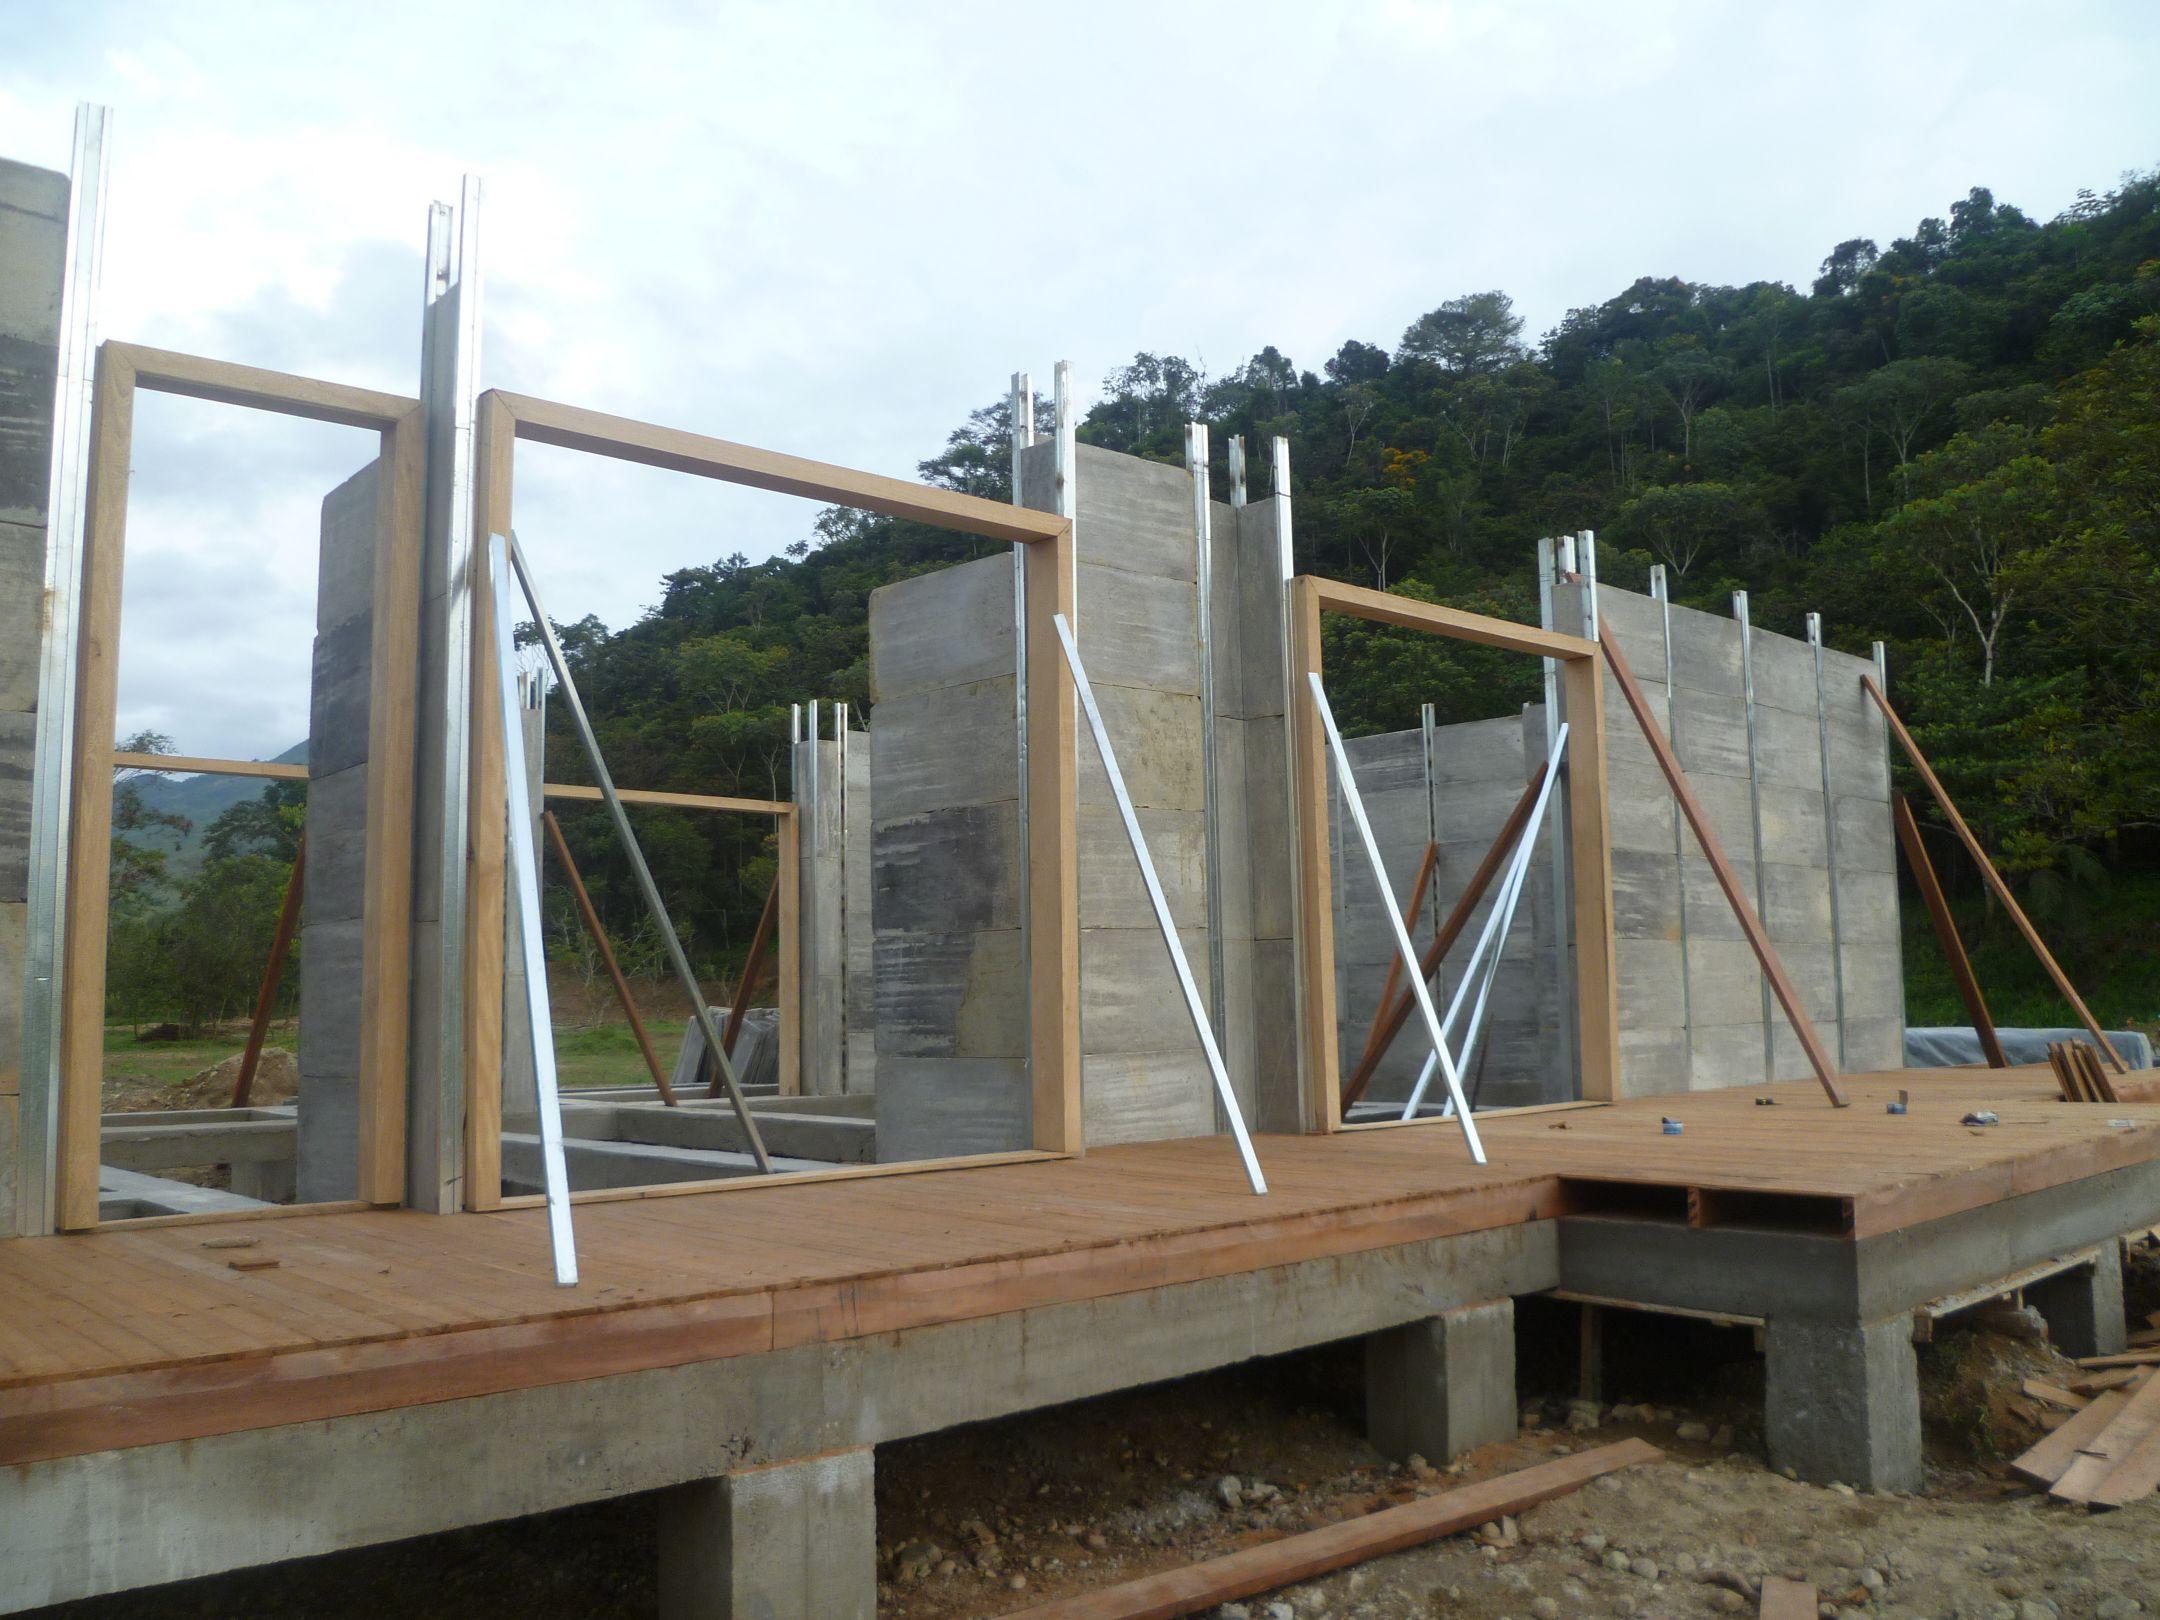 Construcci n de paredes casa prefabricada 1235 mts2 - Construccion de casa ...